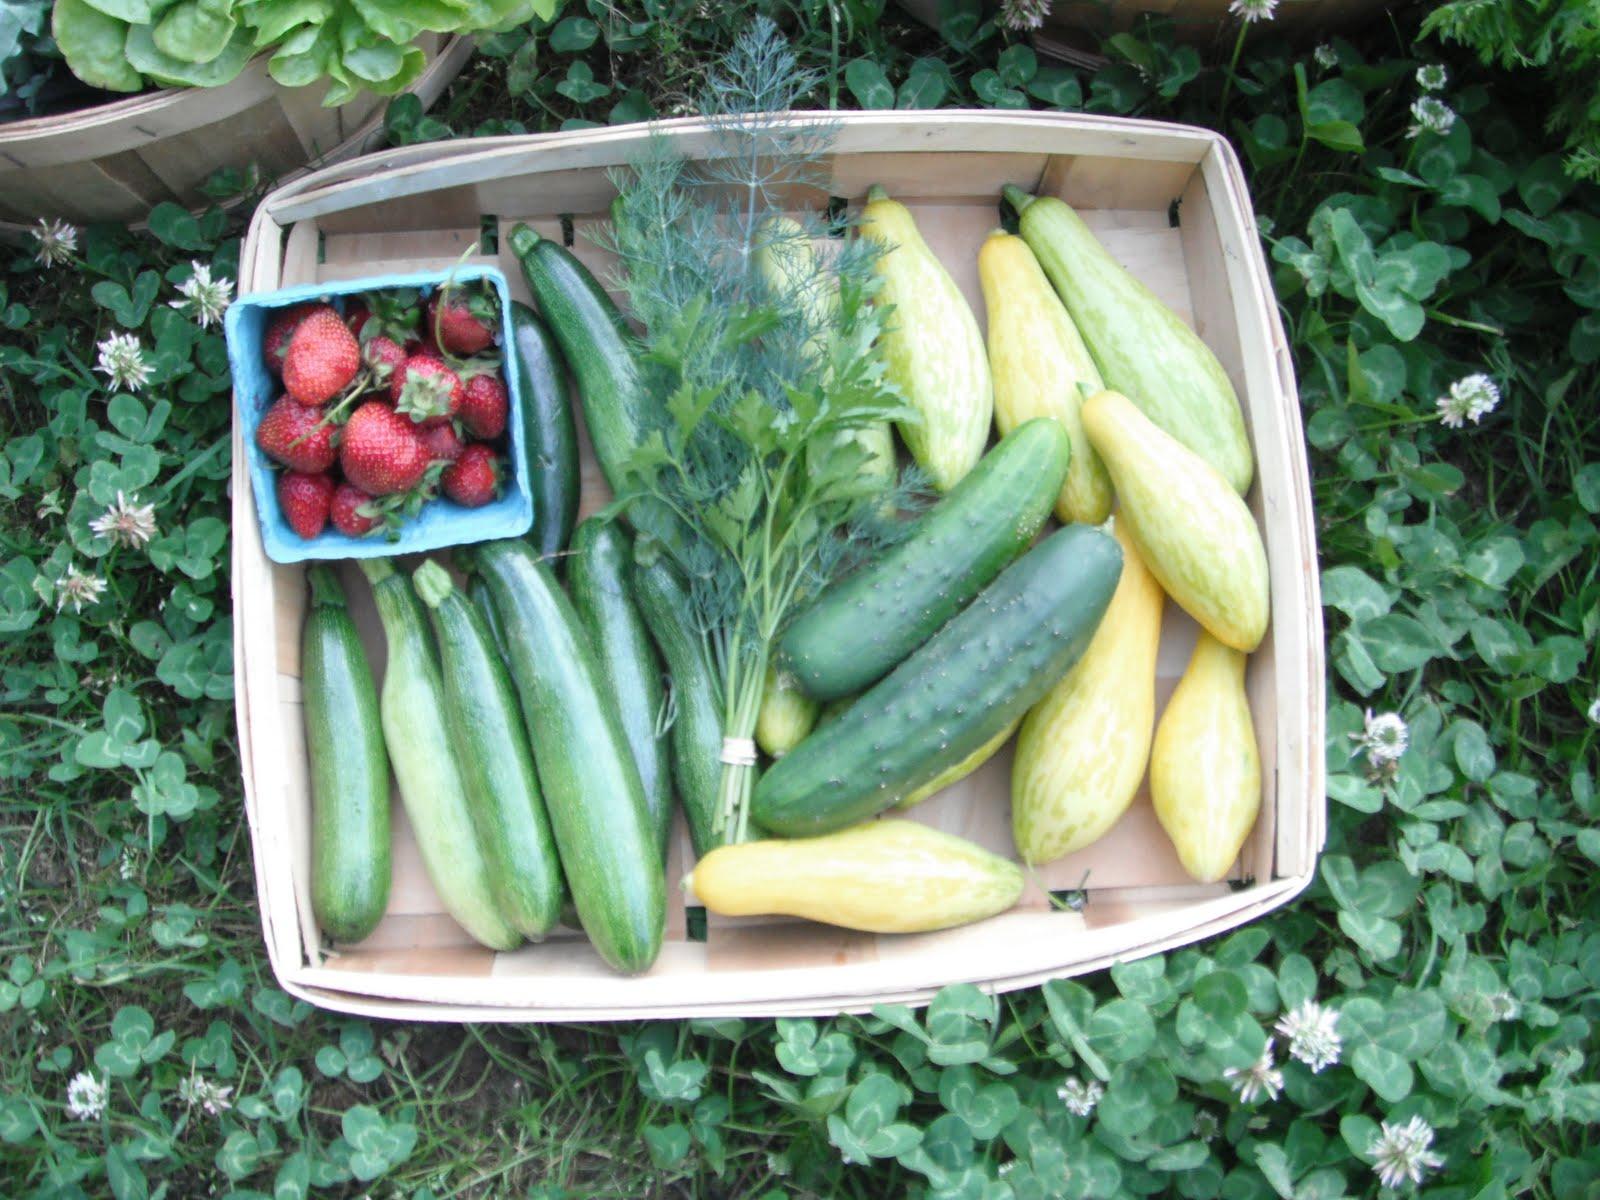 zephyr squash in good heart farm